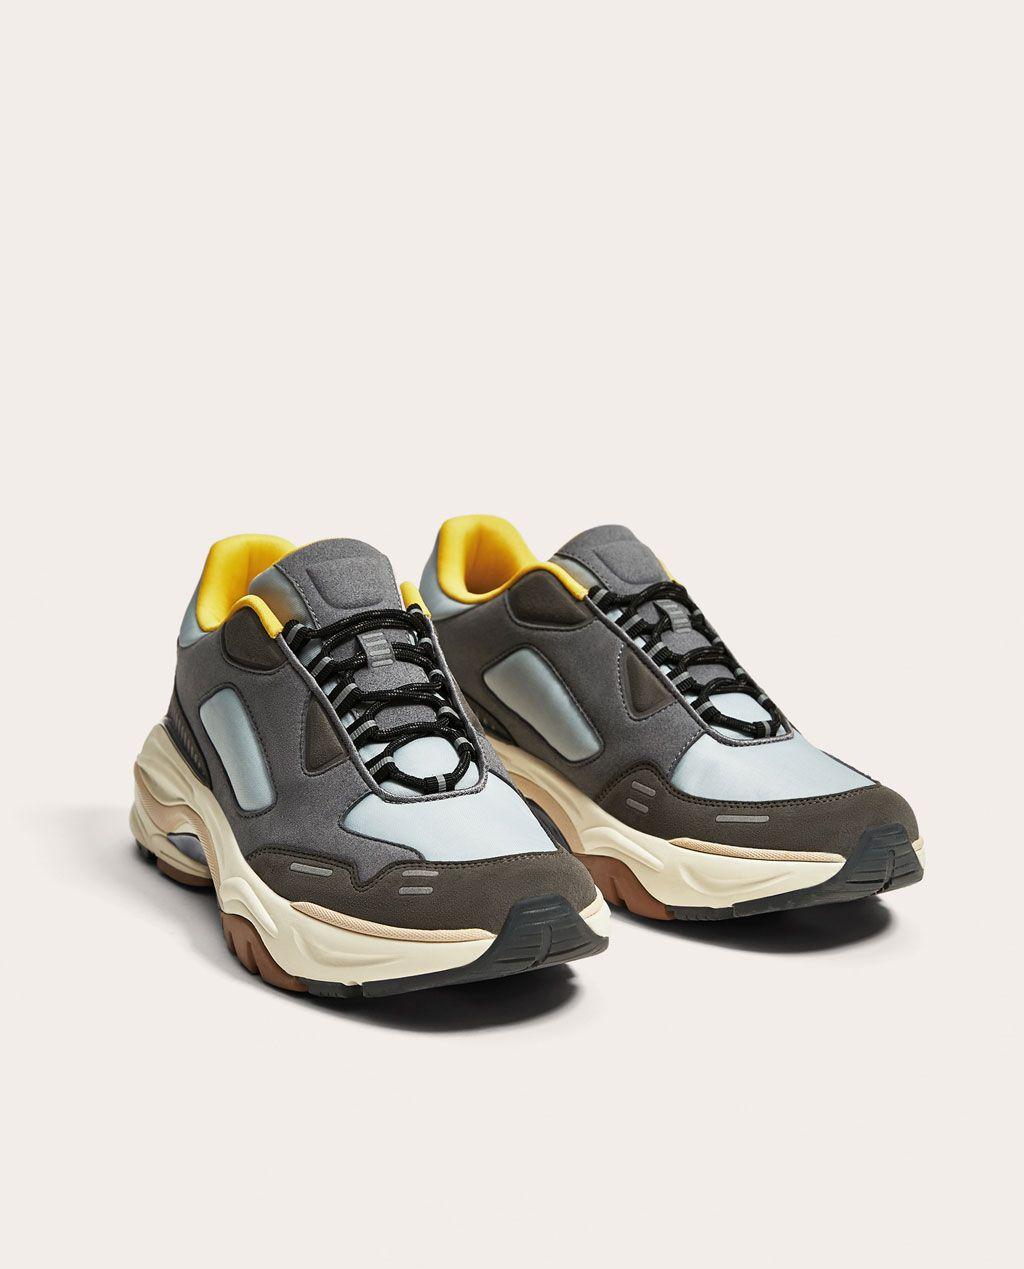 chaussures multisport Homme Casual Cuirwearproof pour hommes gris taille10 SjPiKCoM